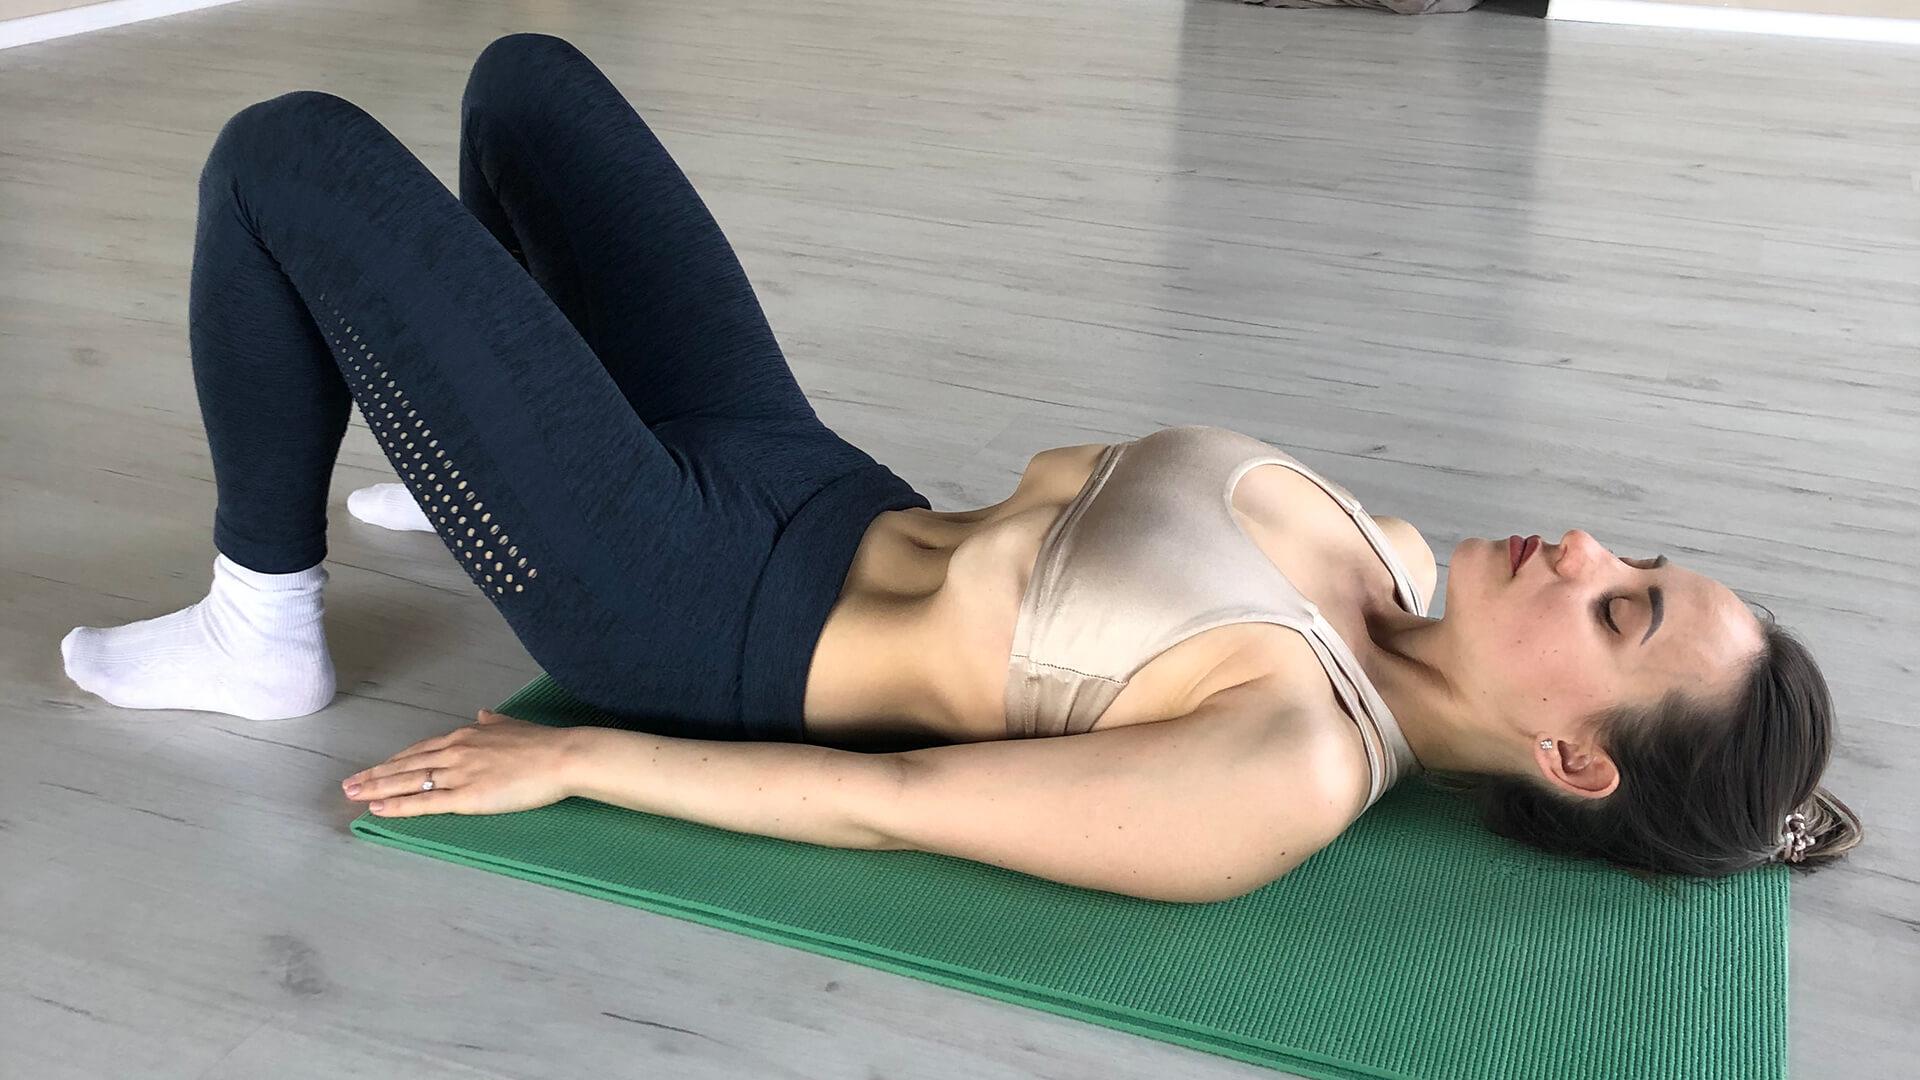 Техника упражнения вакуум лежа.